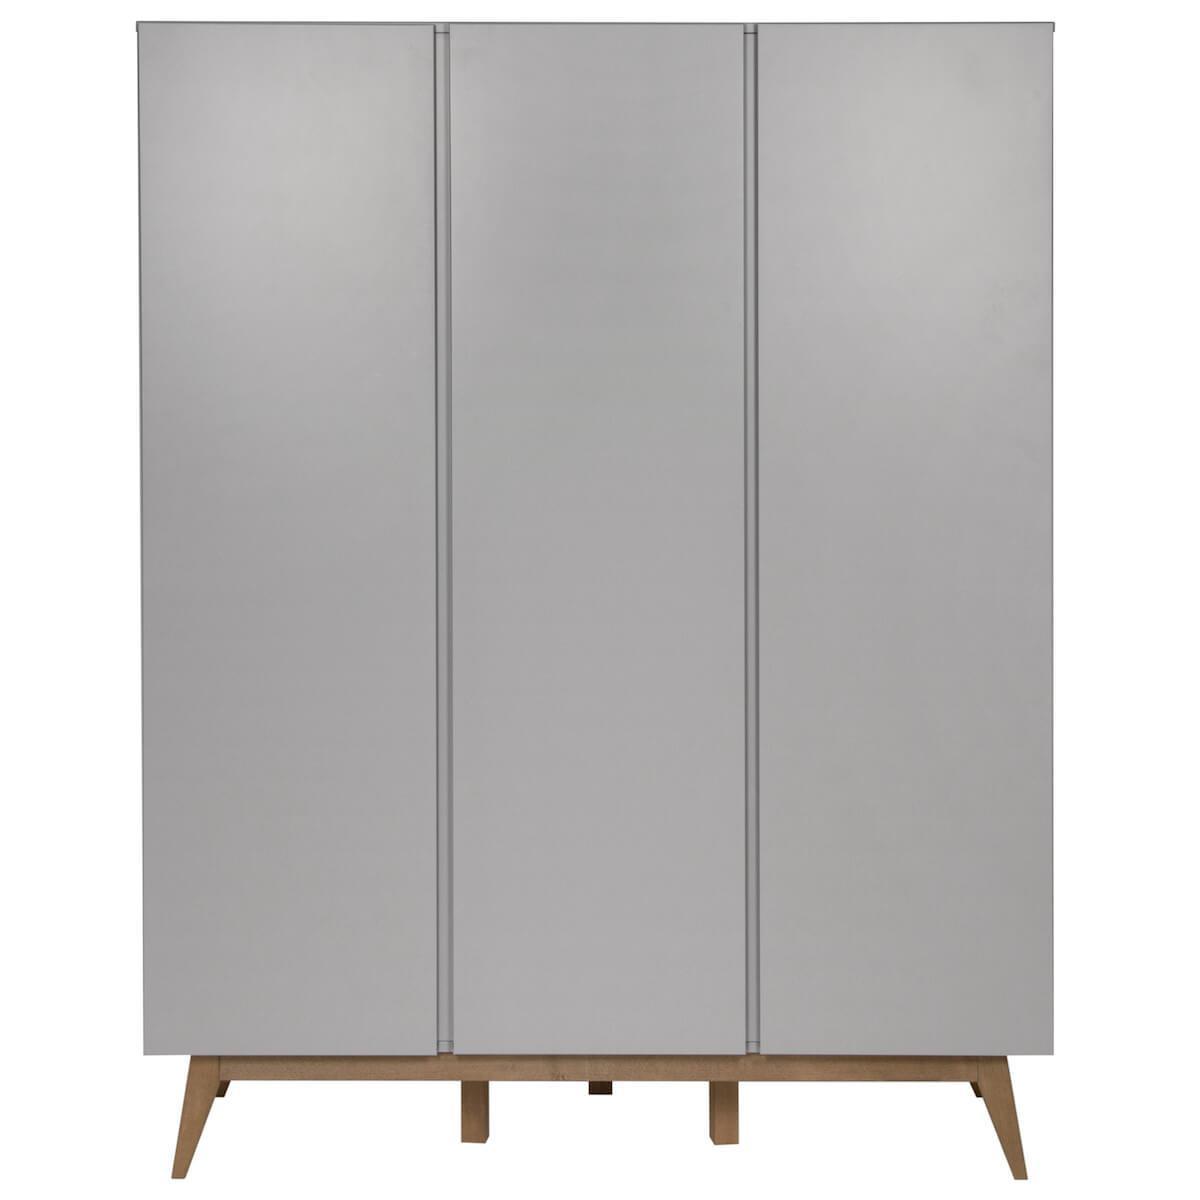 Kleiderschrank 152x198cm TRENDY Quax Griffin grey